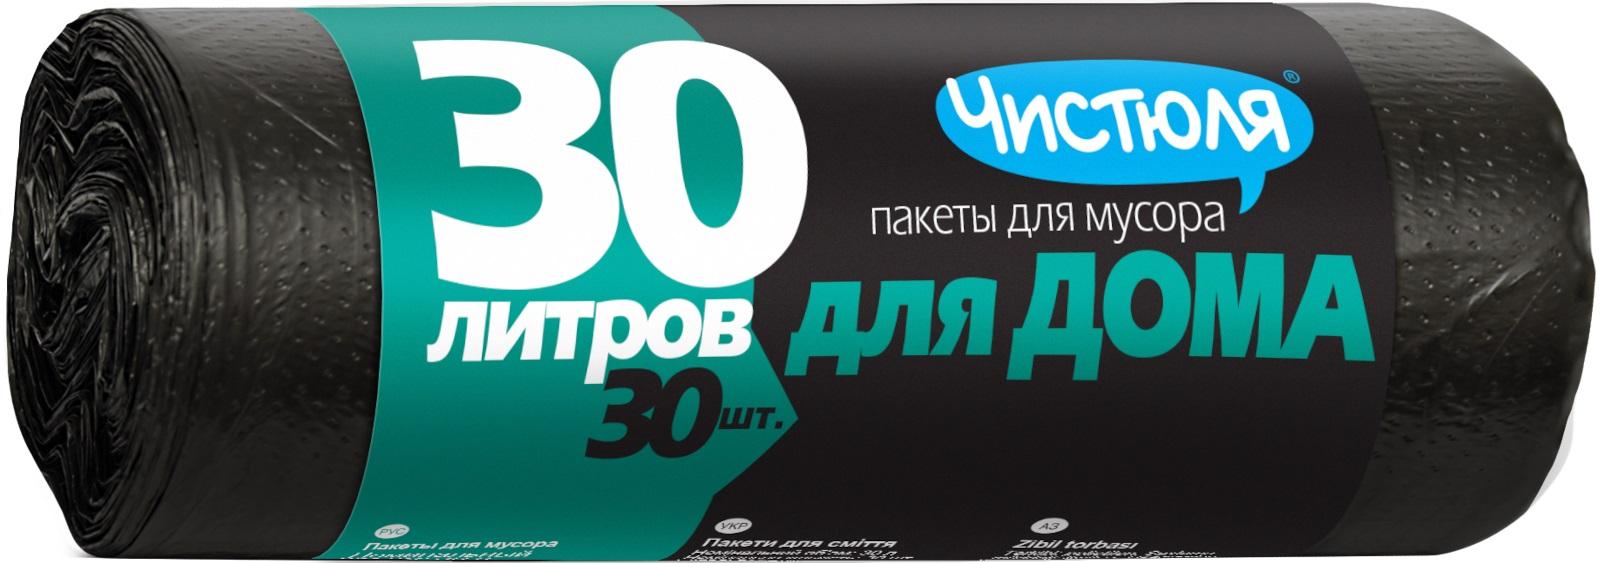 Фотография Мешок для мусора ЧИСТЮЛЯ рулон 30 л прочные №1